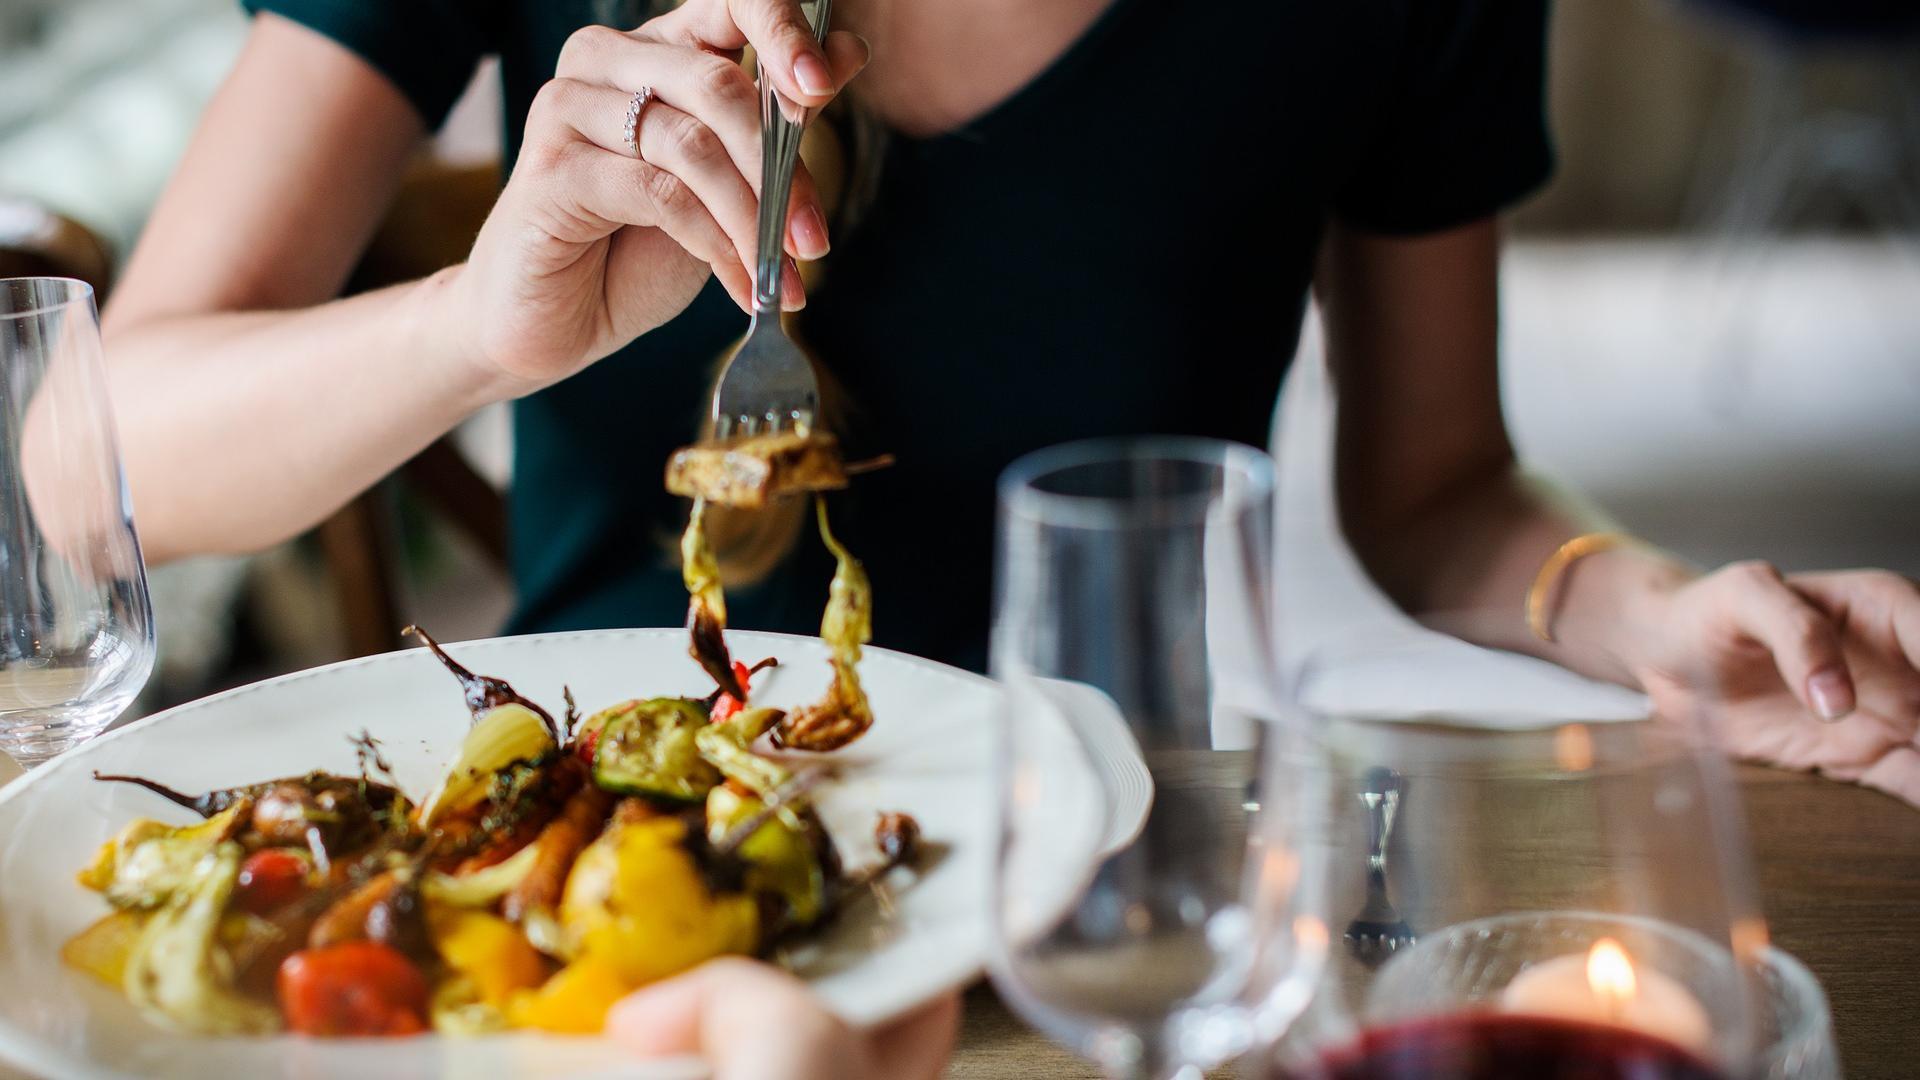 Restauranttisch mit Speisen